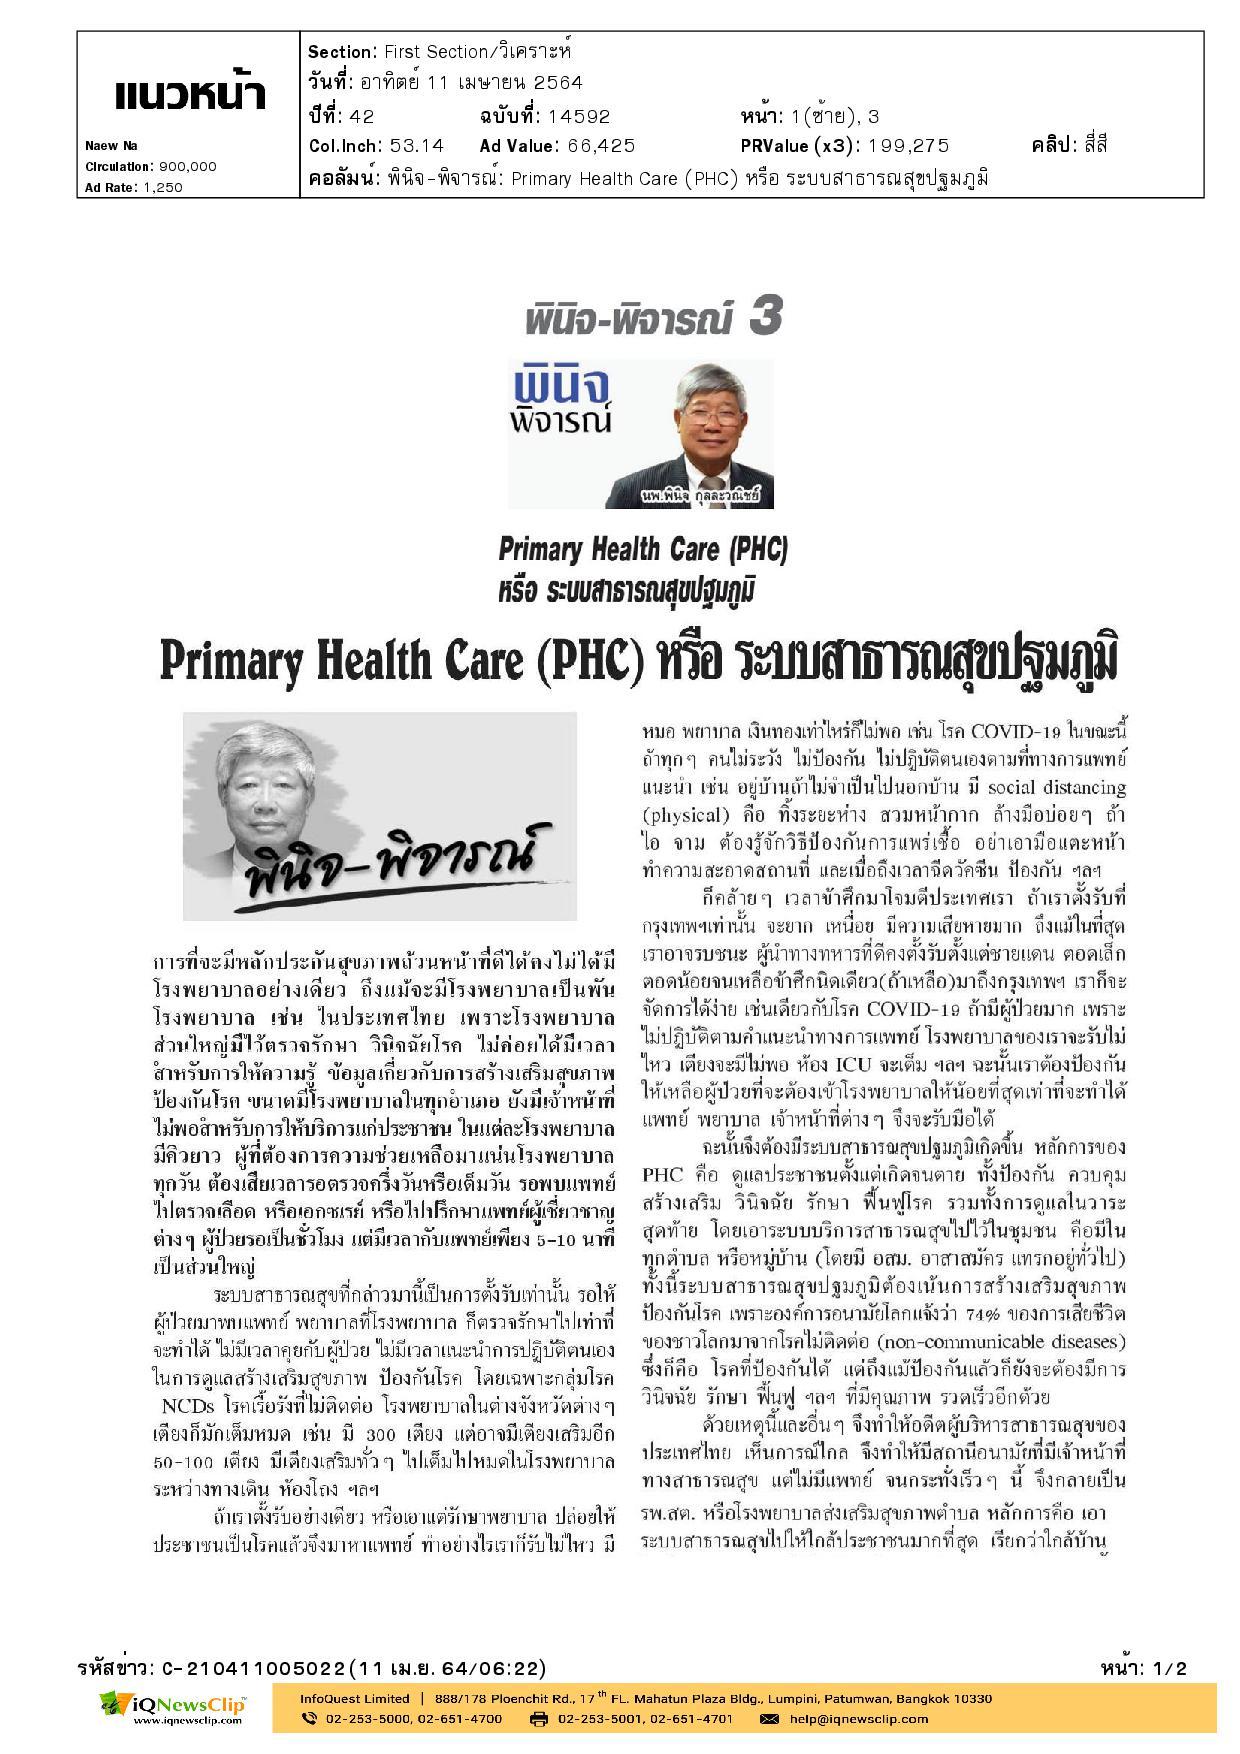 พินิจ-พิจารณ์ เรื่อง Primary Health Care (PHC)  หรือ ระบบสาธารณสุขปฐมภูมิ